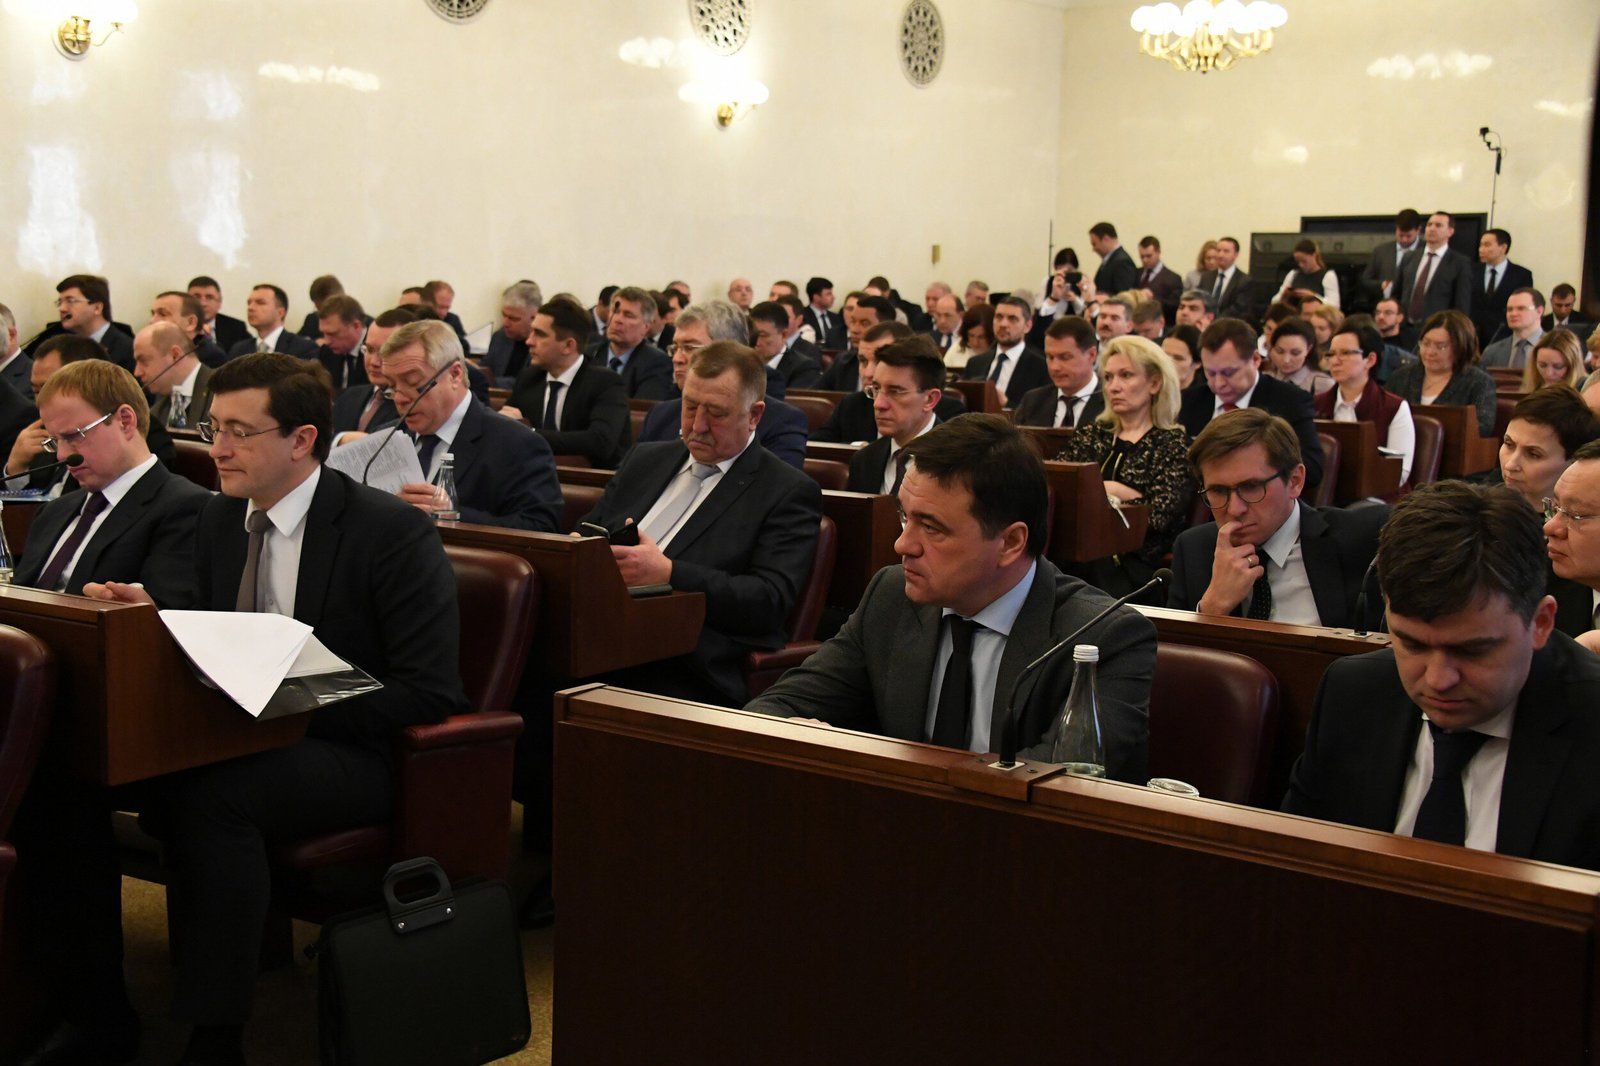 Андрей Воробьев губернатор московской области - Будущее Подмосковья — в комфорте его жителей